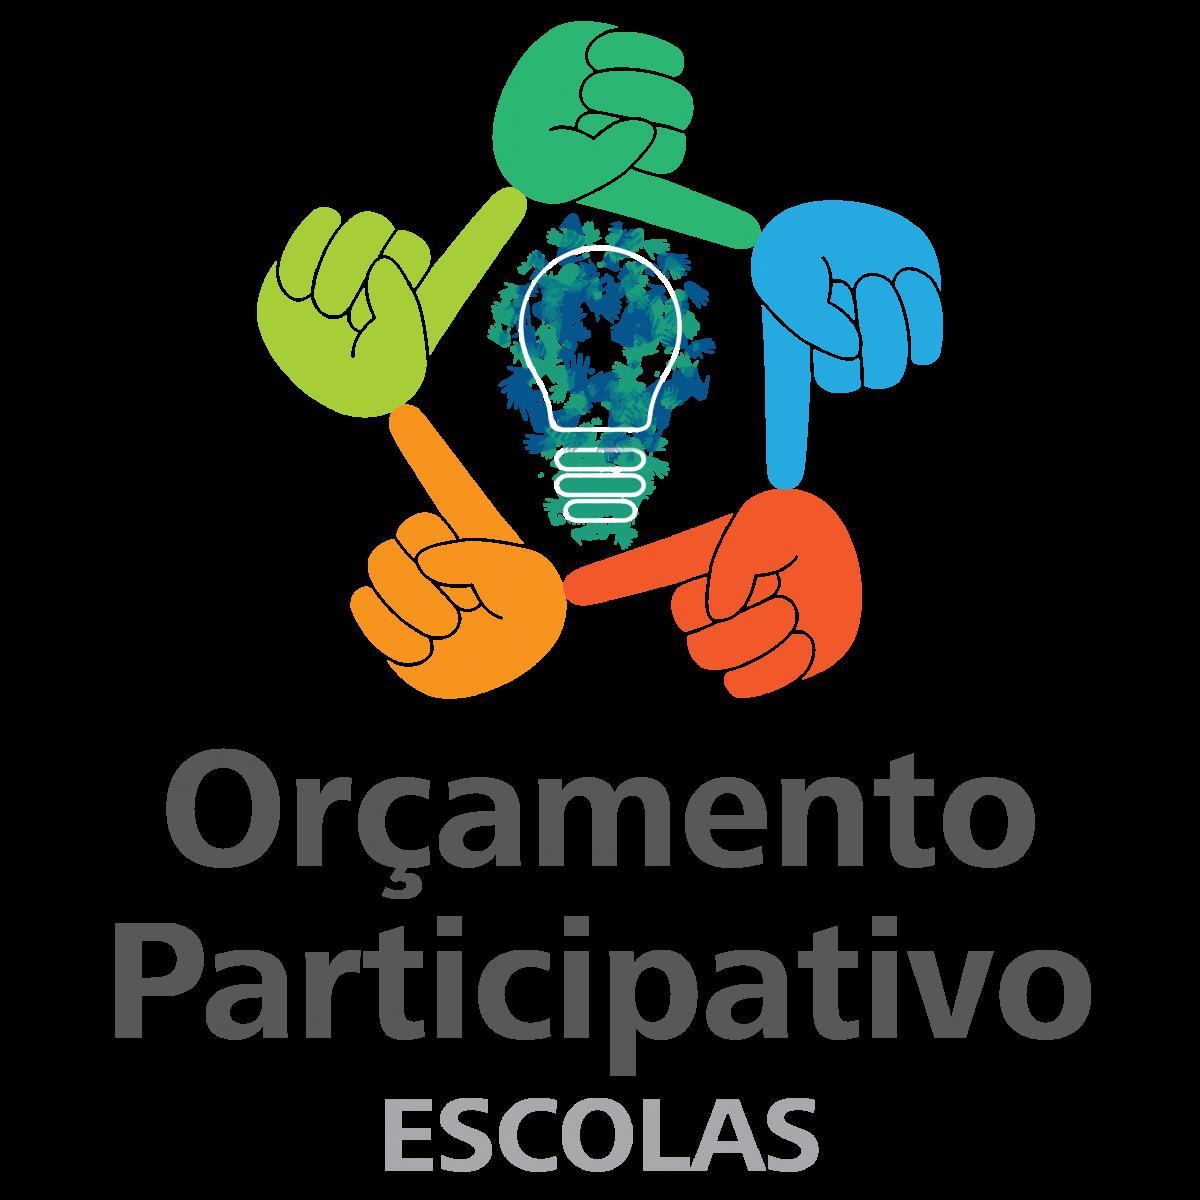 Resultado de imagem para orçamento participativo das escolas